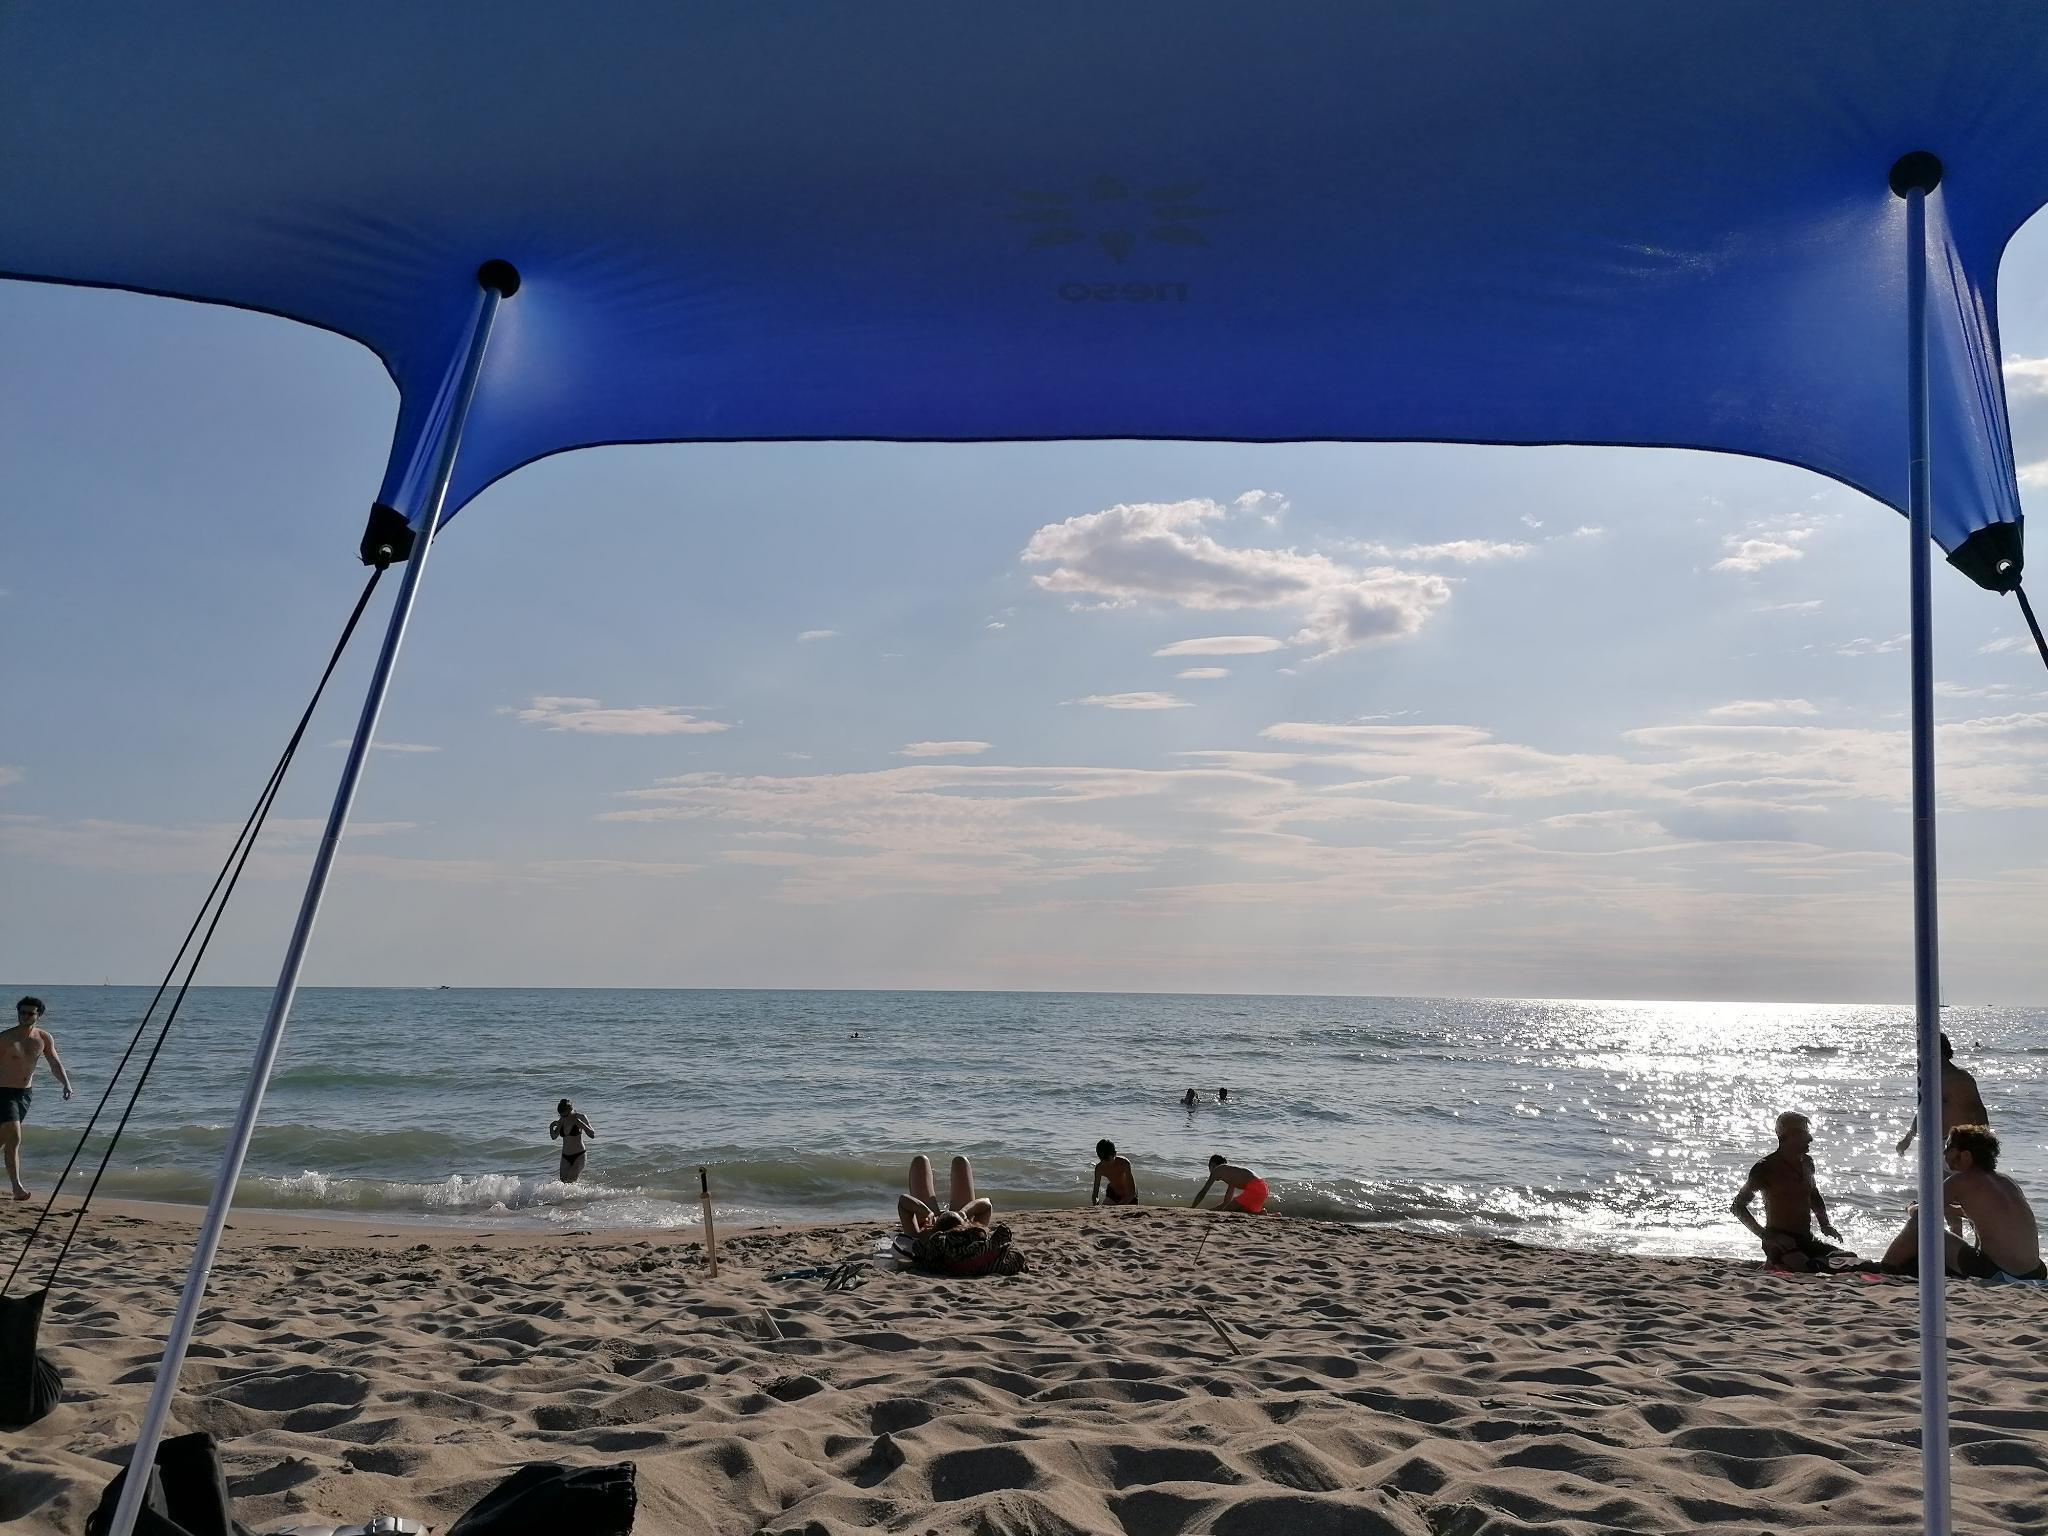 Spiaggia della Lecciona, feiner Sandstrand in der Toskana